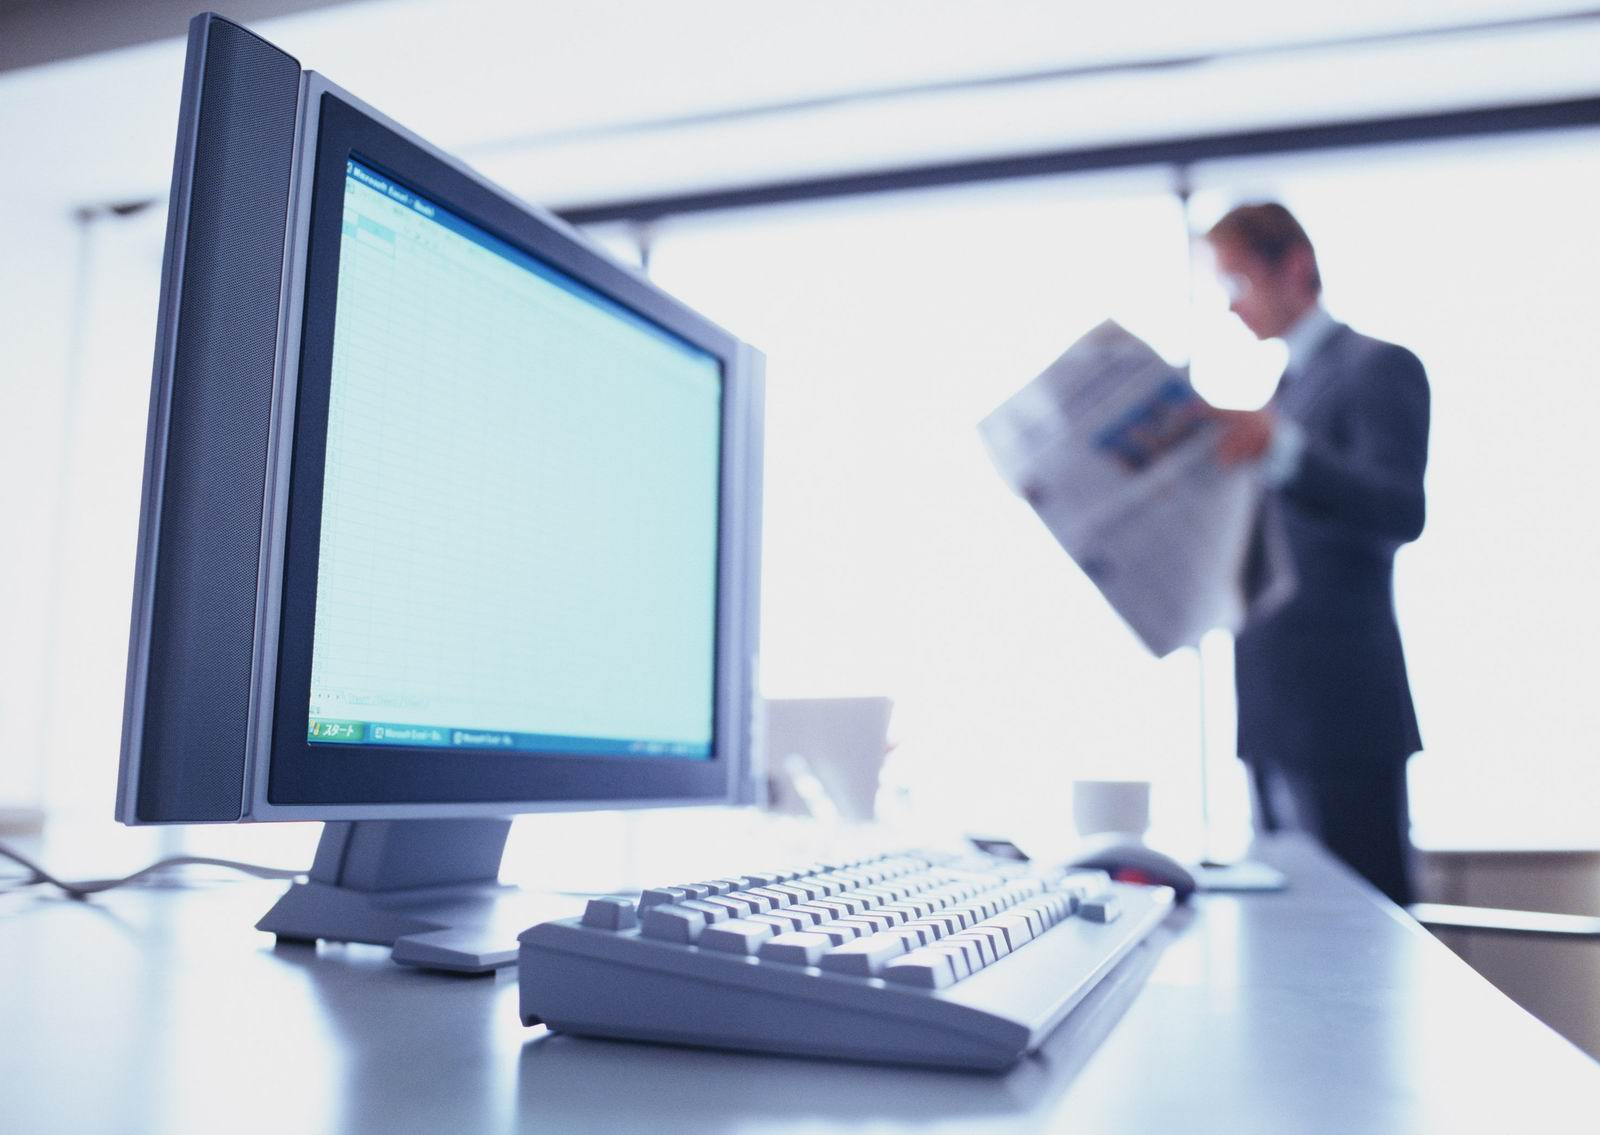 В 2015 году спрос на ИТ-специалистов будет стабильным